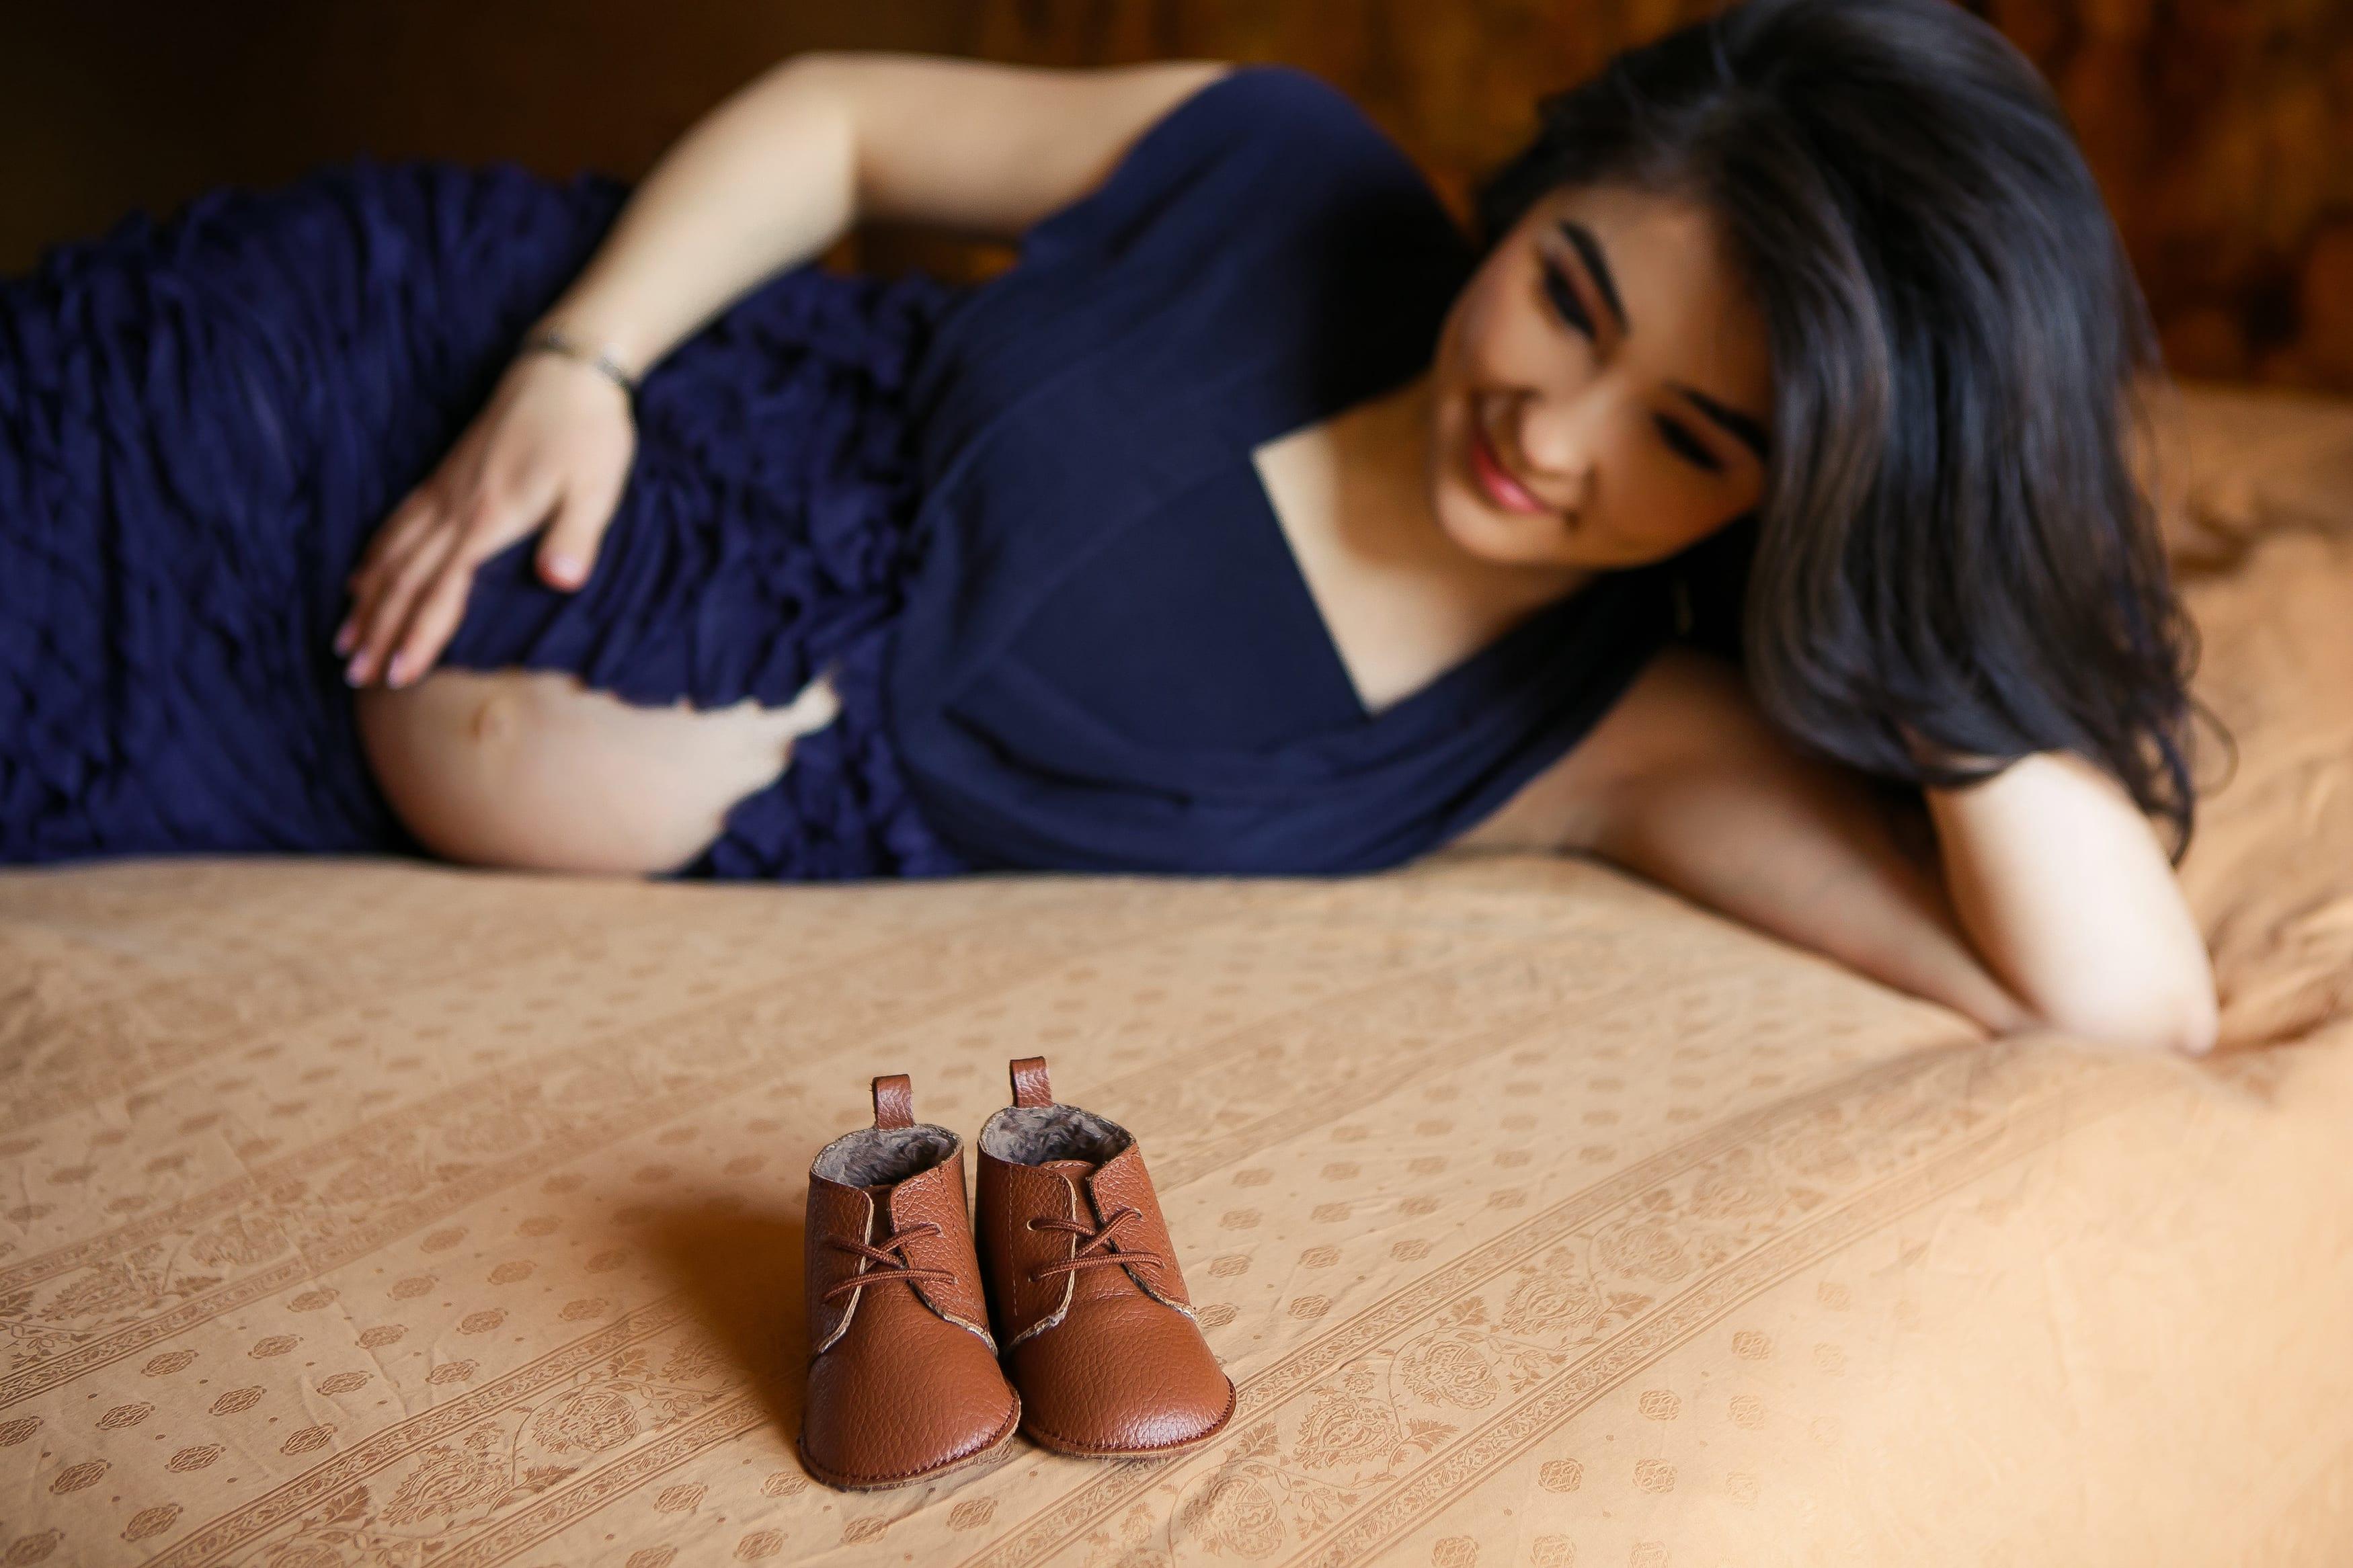 Romantisches Schwangerschaftsshooting Bett Berlin zu Hause